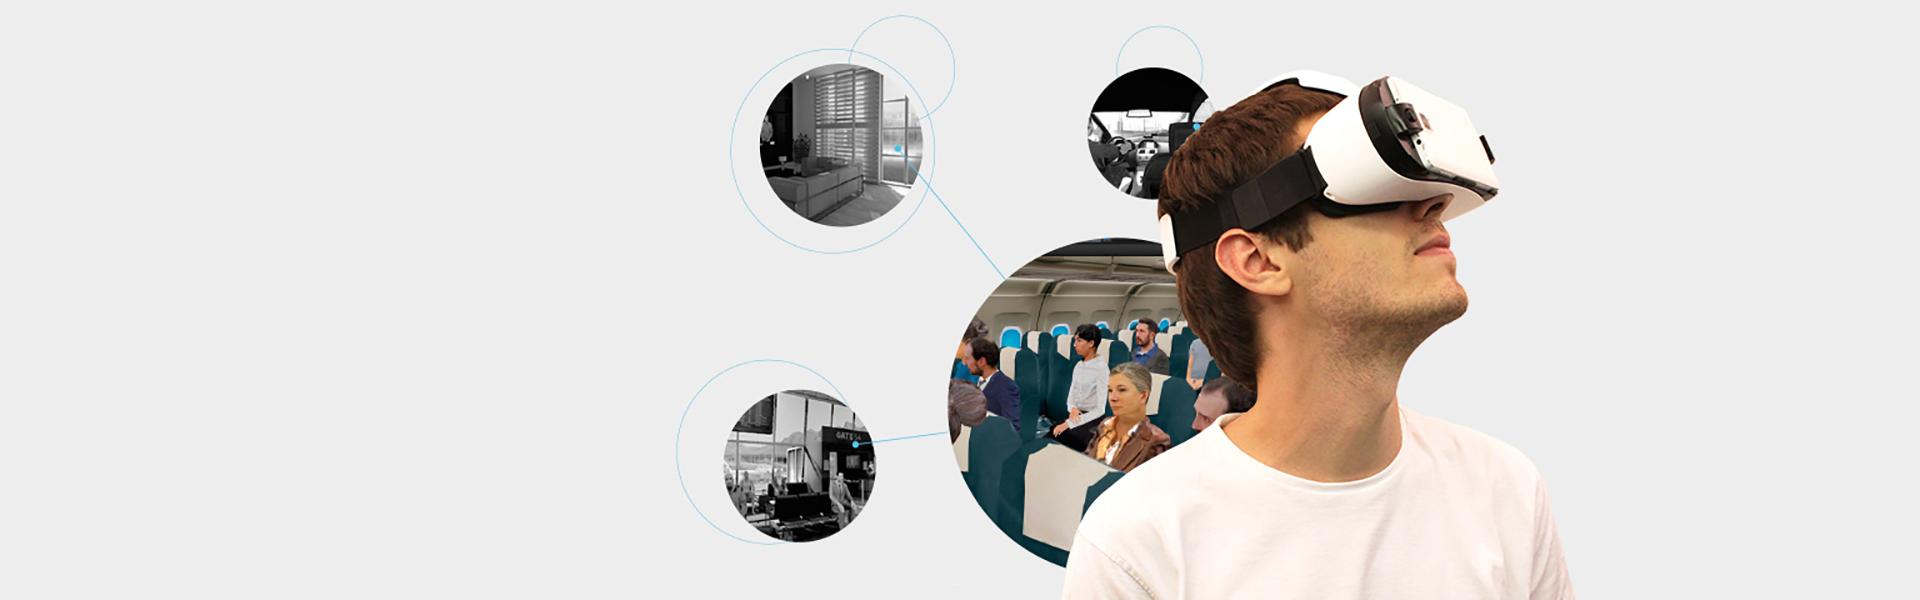 Gafas de realidad virtual para tratamientos psicológicos en Valladolid